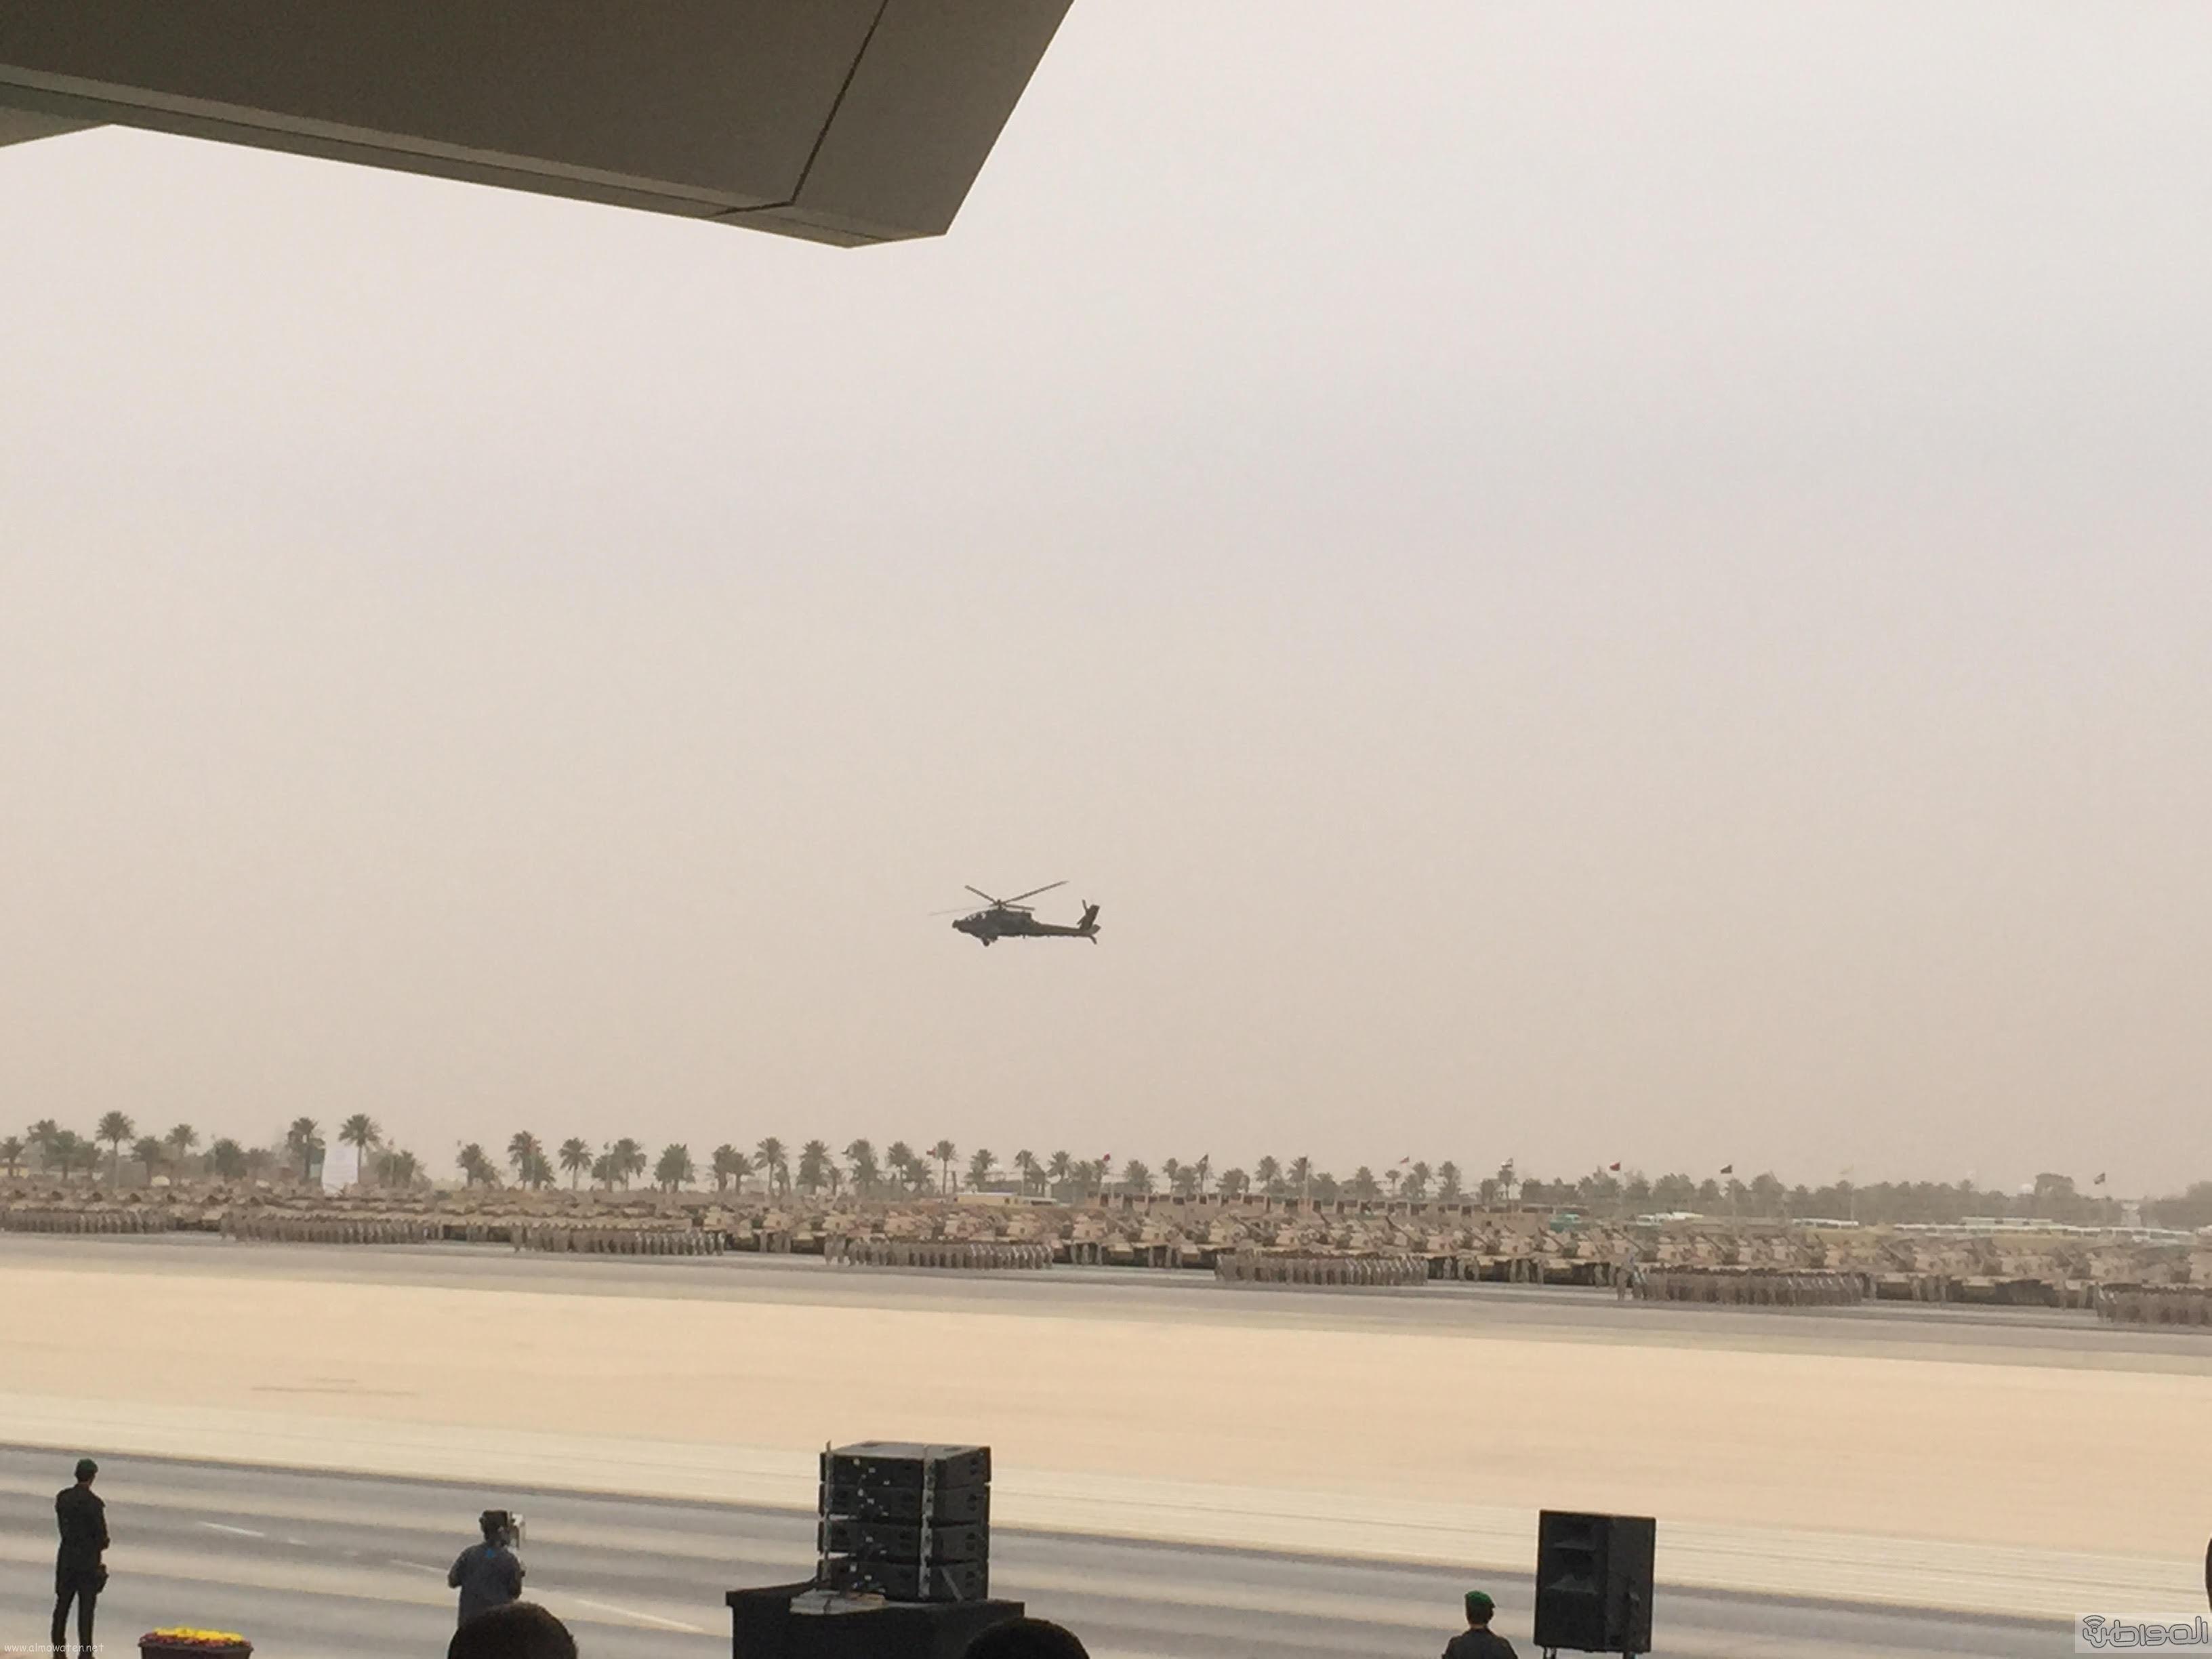 قائد يستعرض طائرة اباتشي امام الملك سلمان (1)